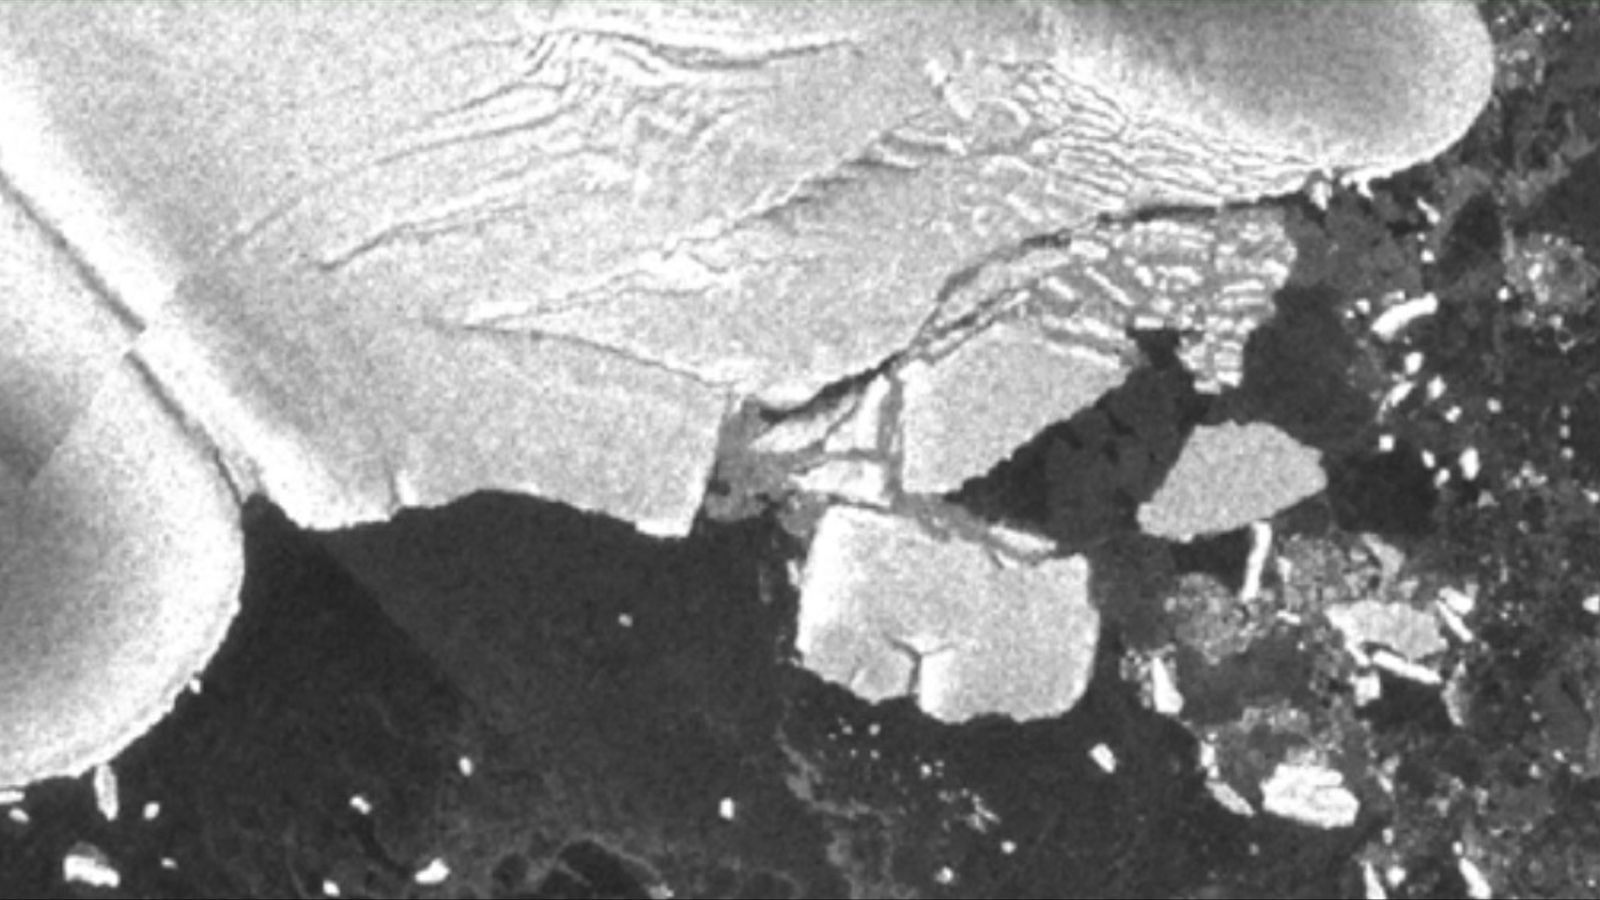 Científics de la NASA descobreixen que el tsunami de Japó va originar nous icebergs a l'Antàrtida